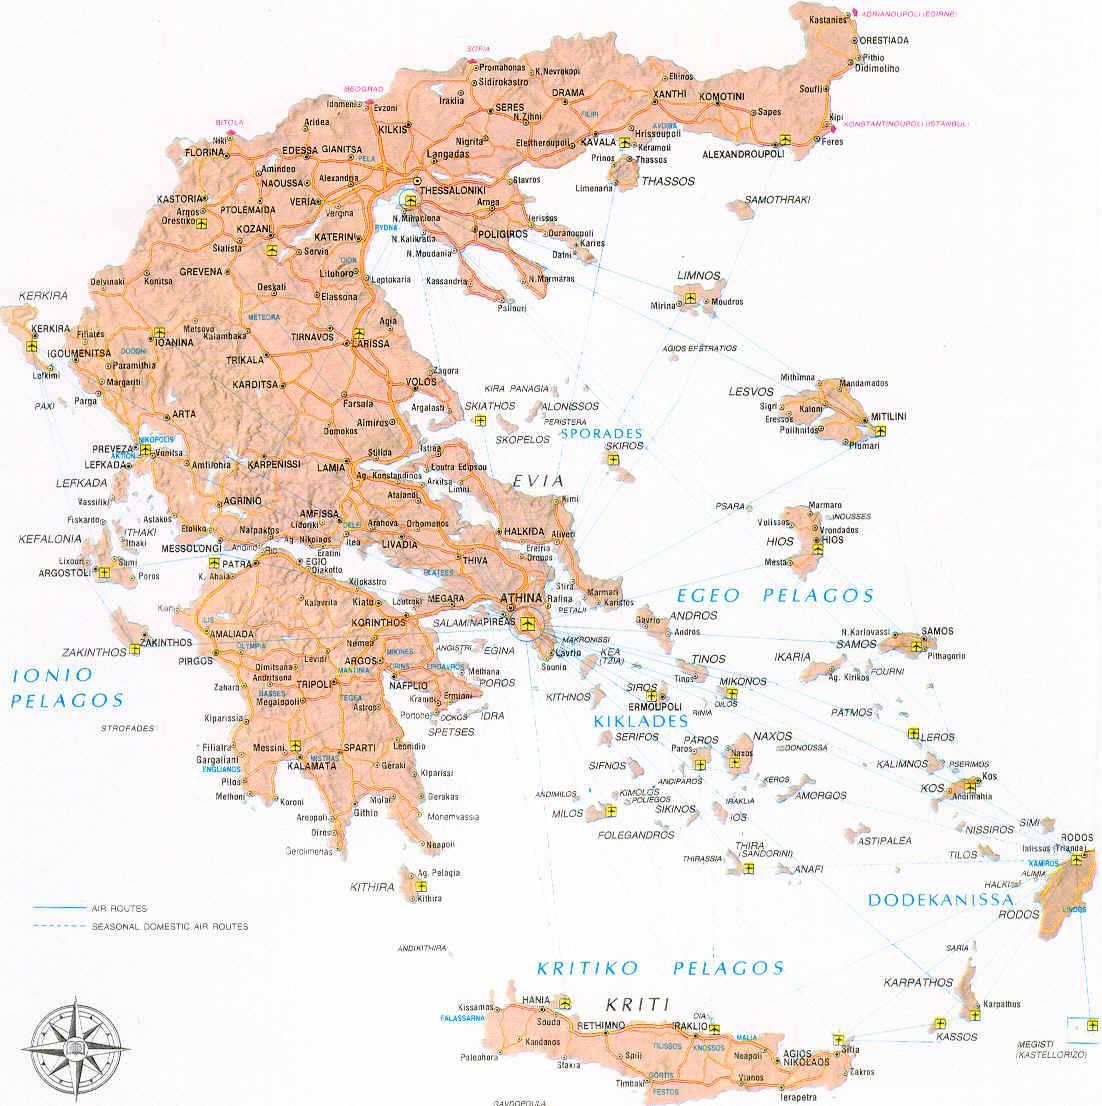 Carte des aéroports en Grèce